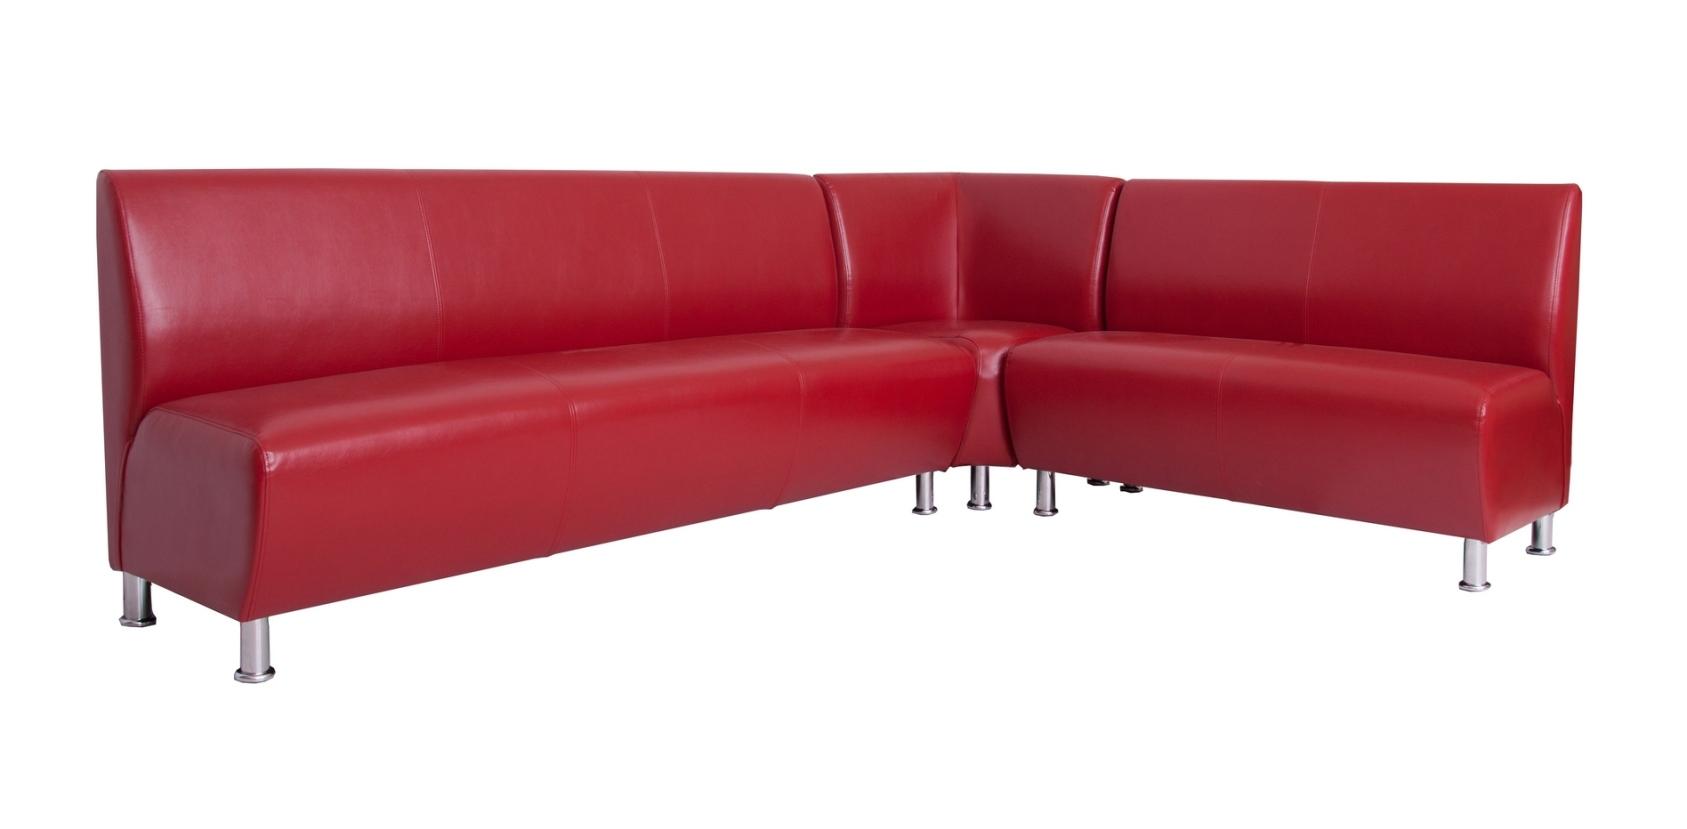 Угловой модульный диван Блюз 10.08